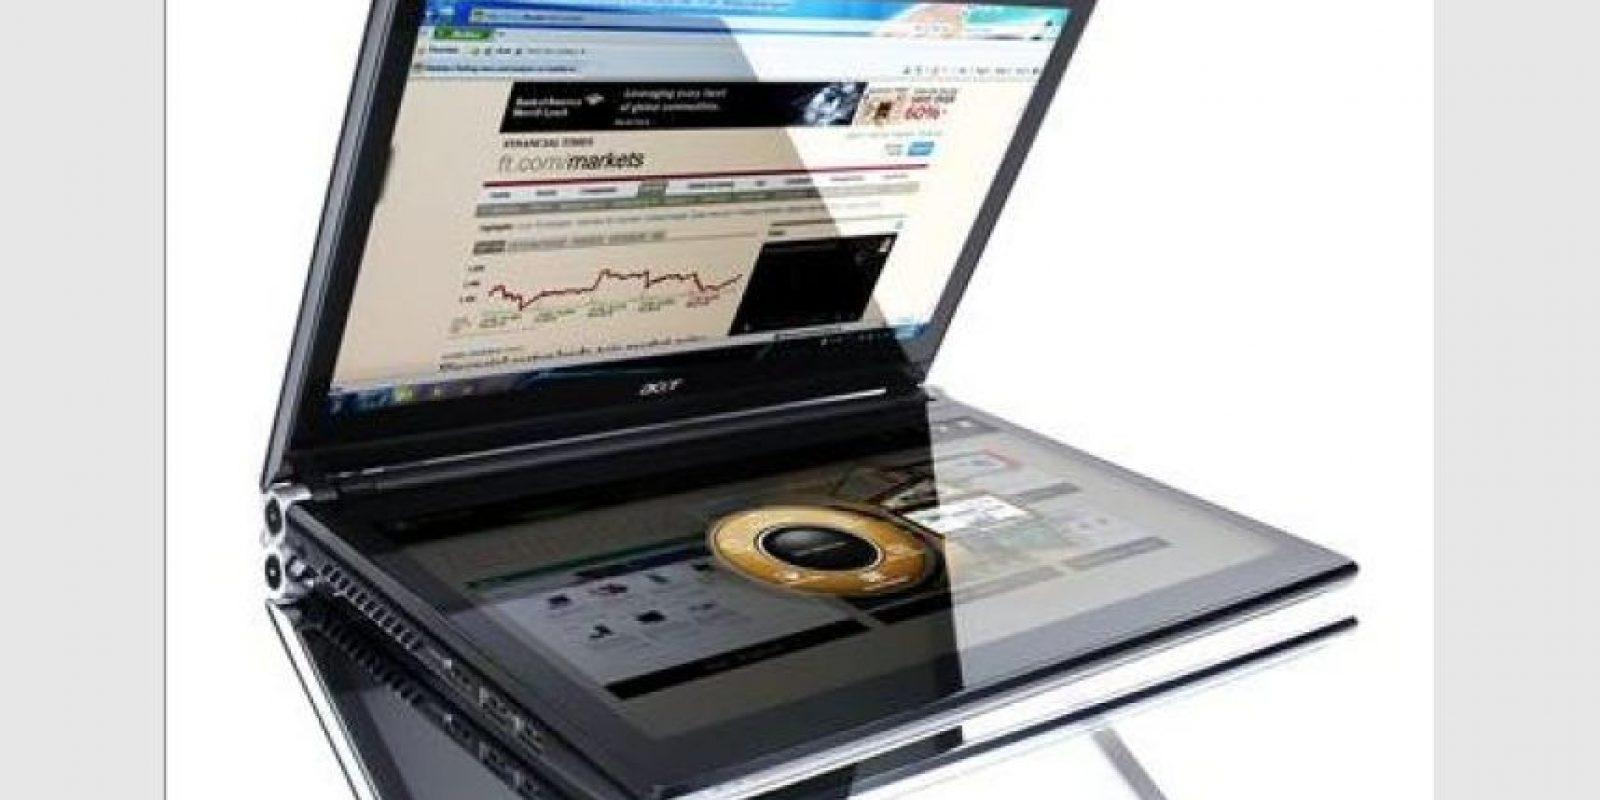 Foto:Acer presenta una nueva serie de equipos laptops con un enfoque muy interesante: se liberan de accesorios de entrada convencionales como teclado y touchpad y usa doble pantalla touch.